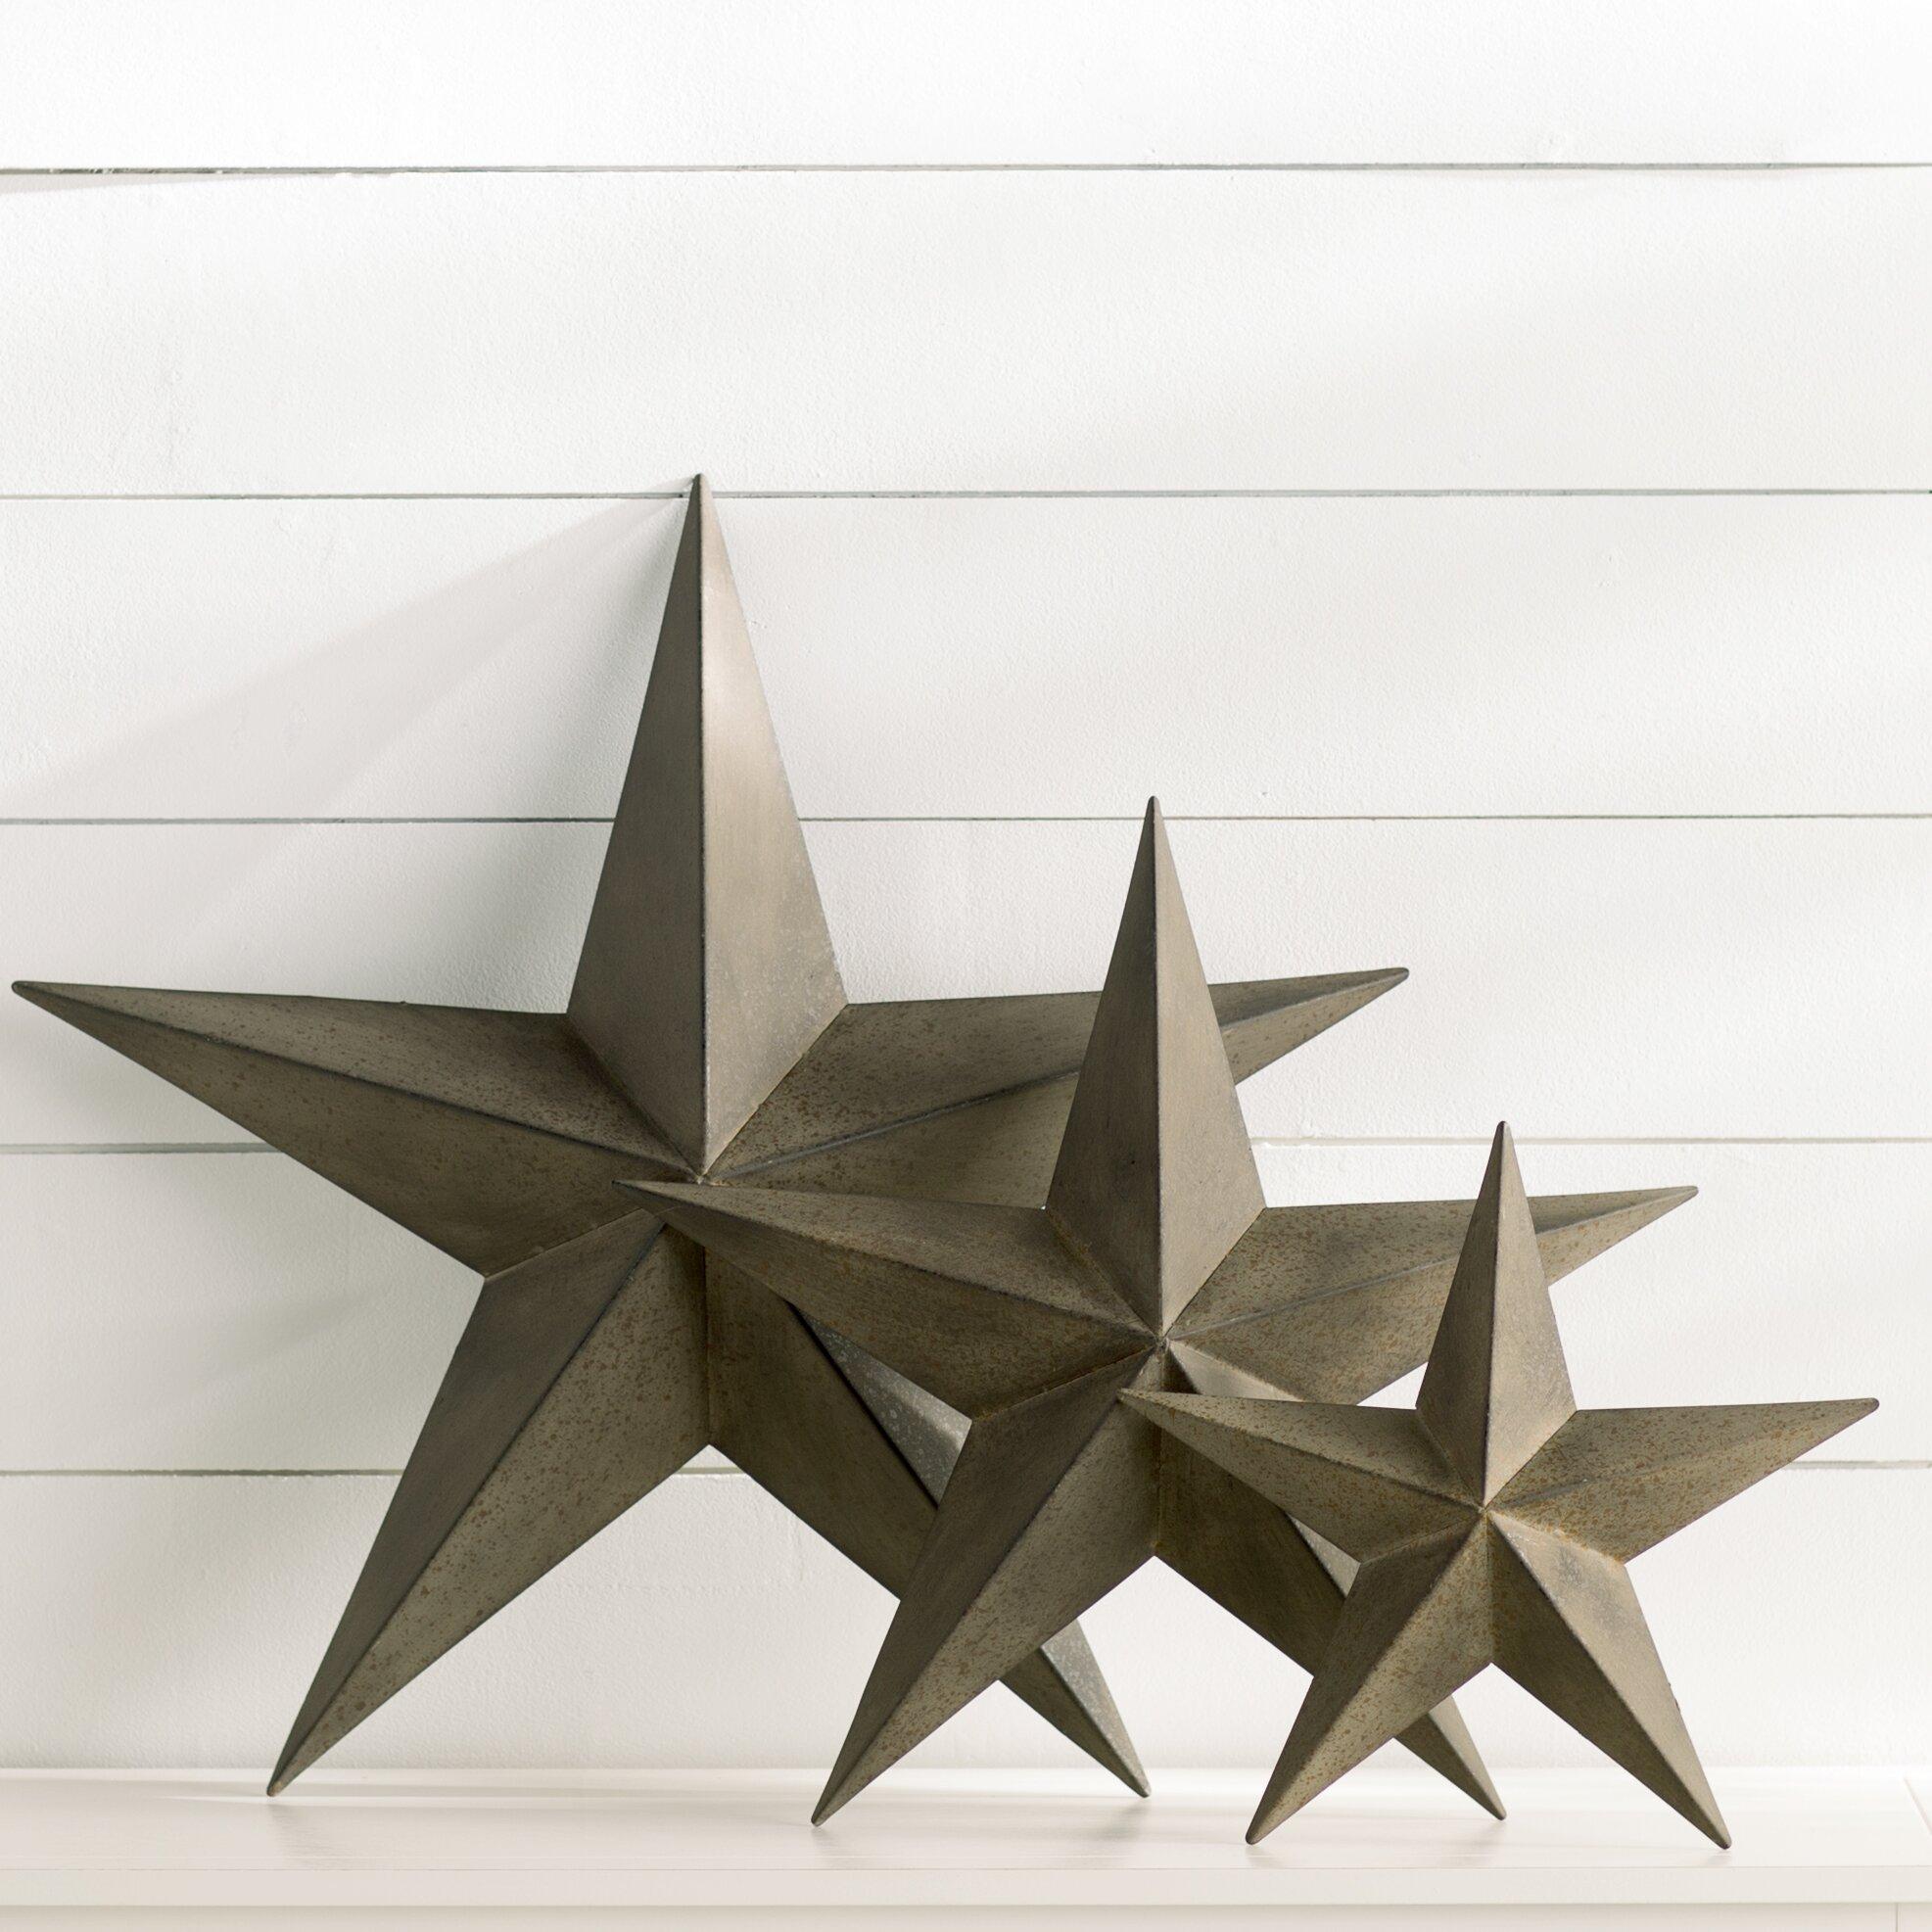 Glass Star Wall Decor : Breakwater bay piece wall d?cor set reviews wayfair